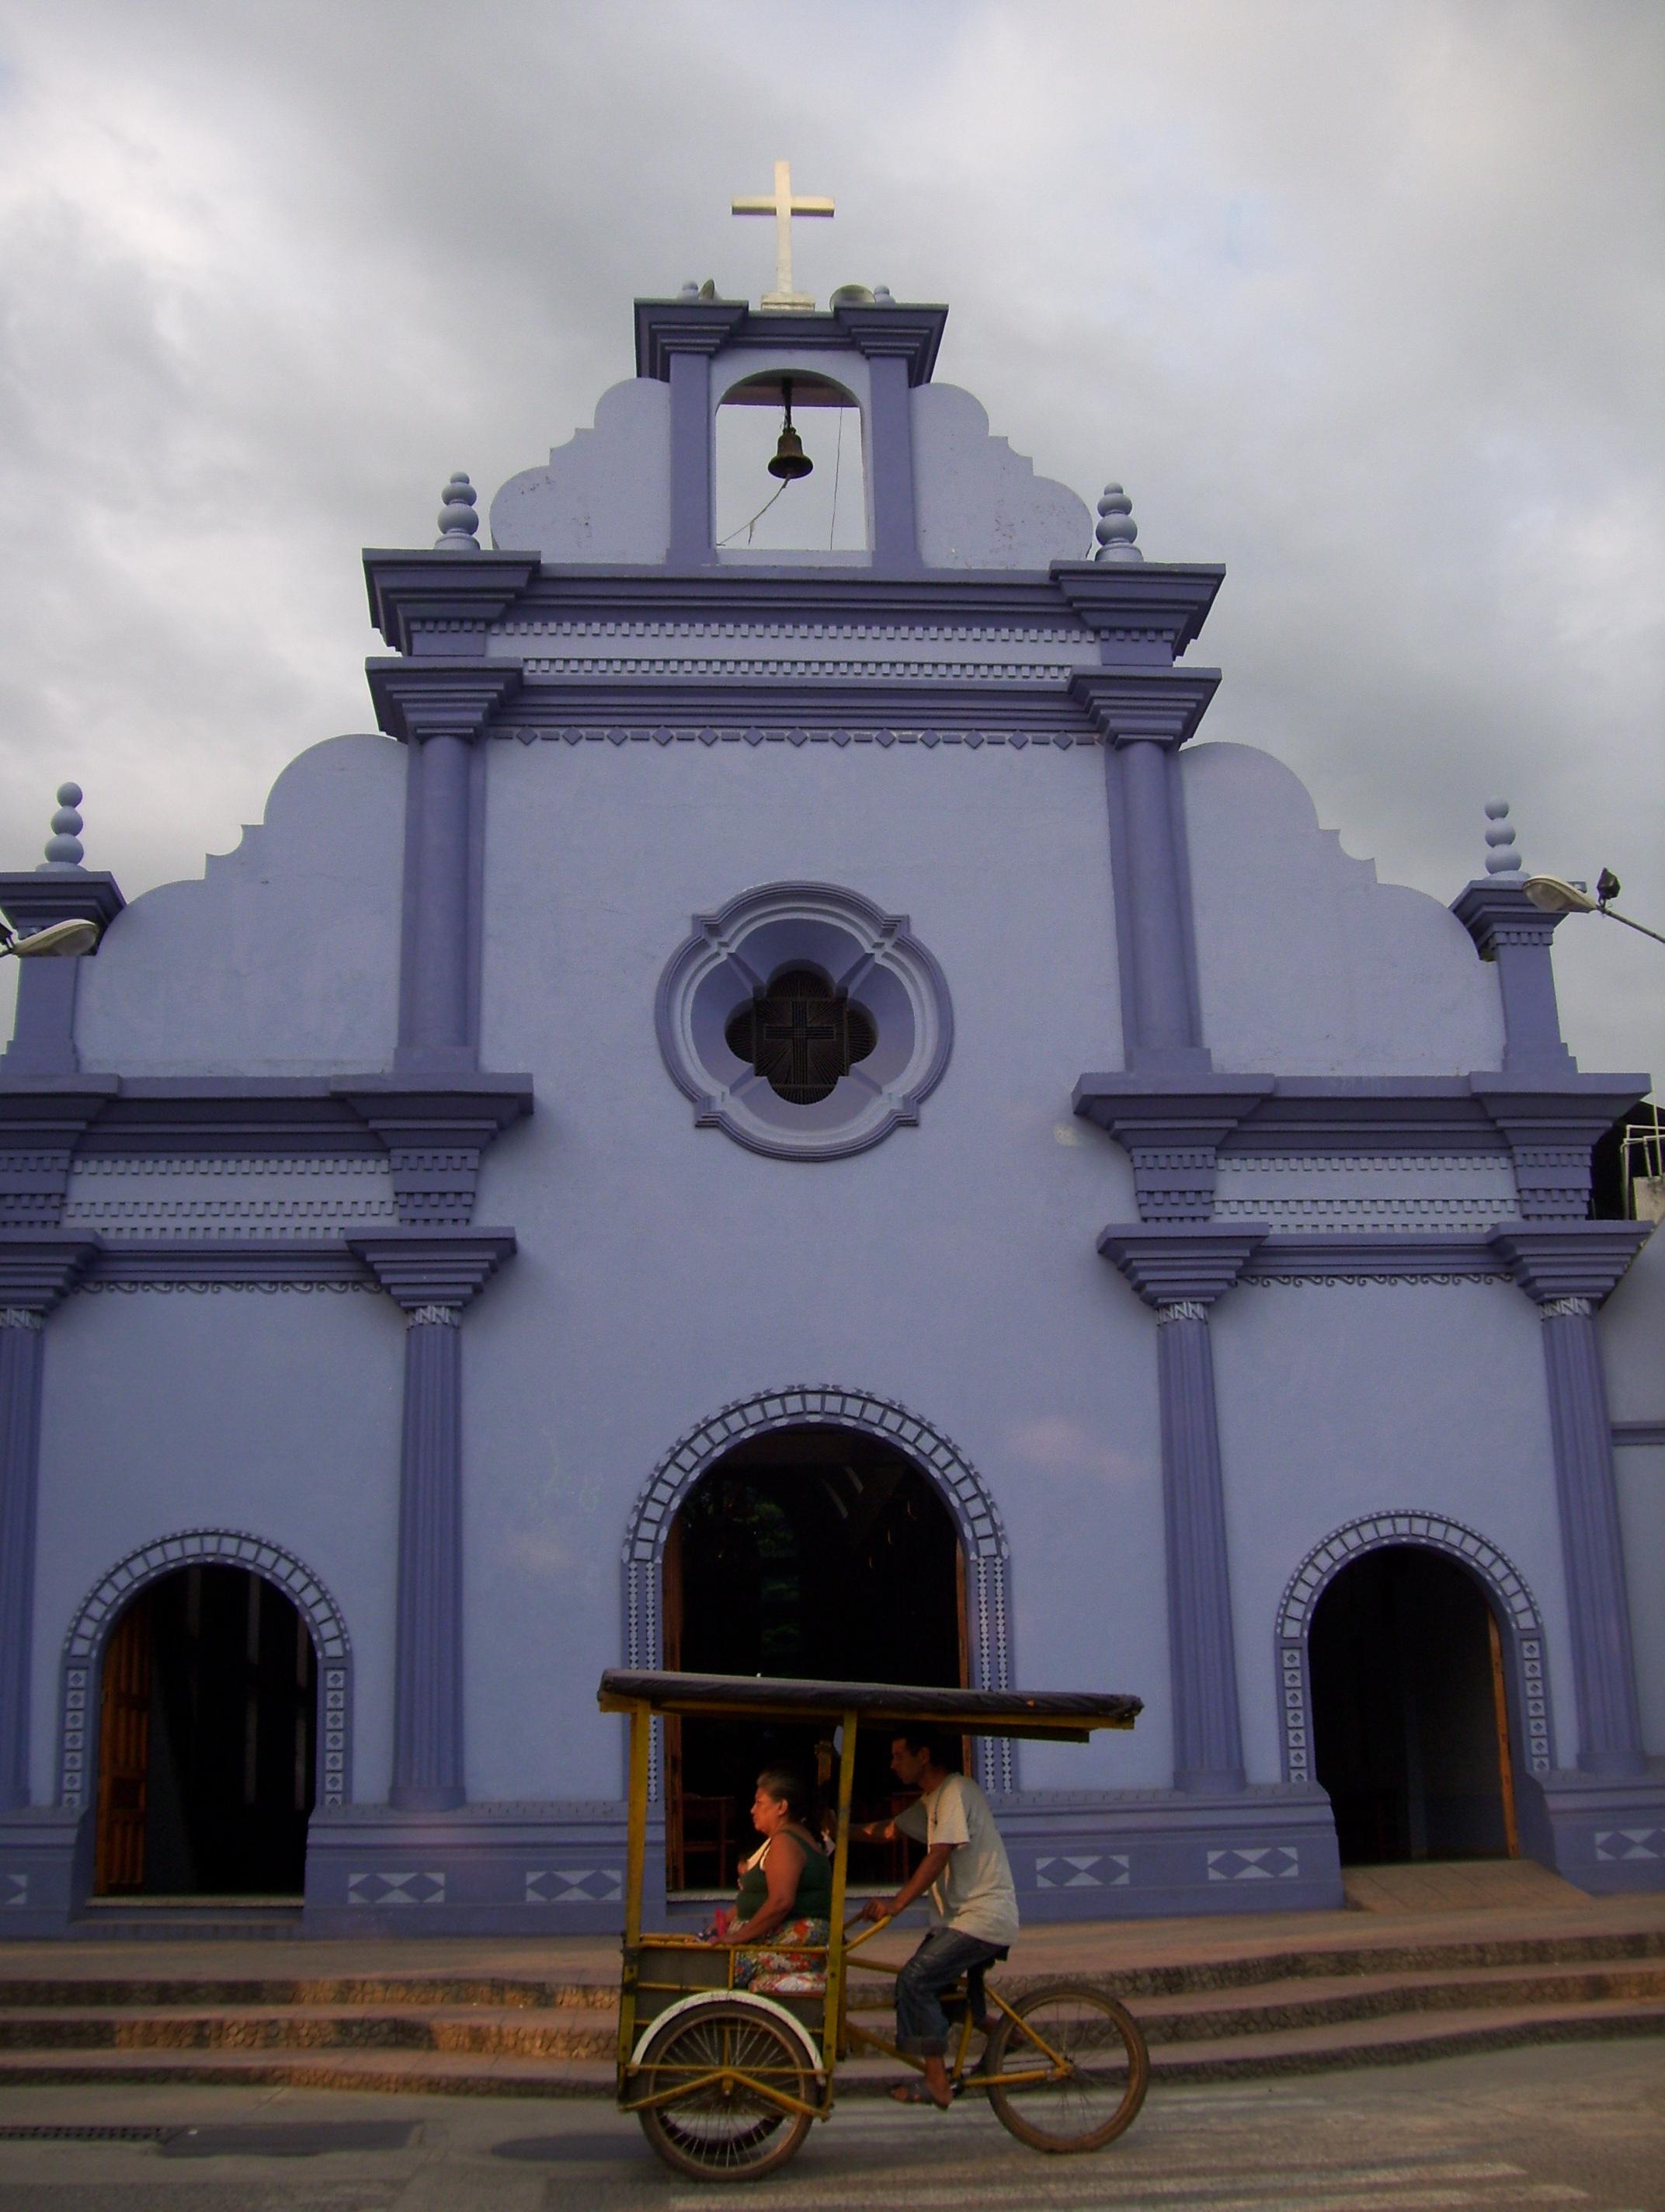 Ciudad Tecún Umán